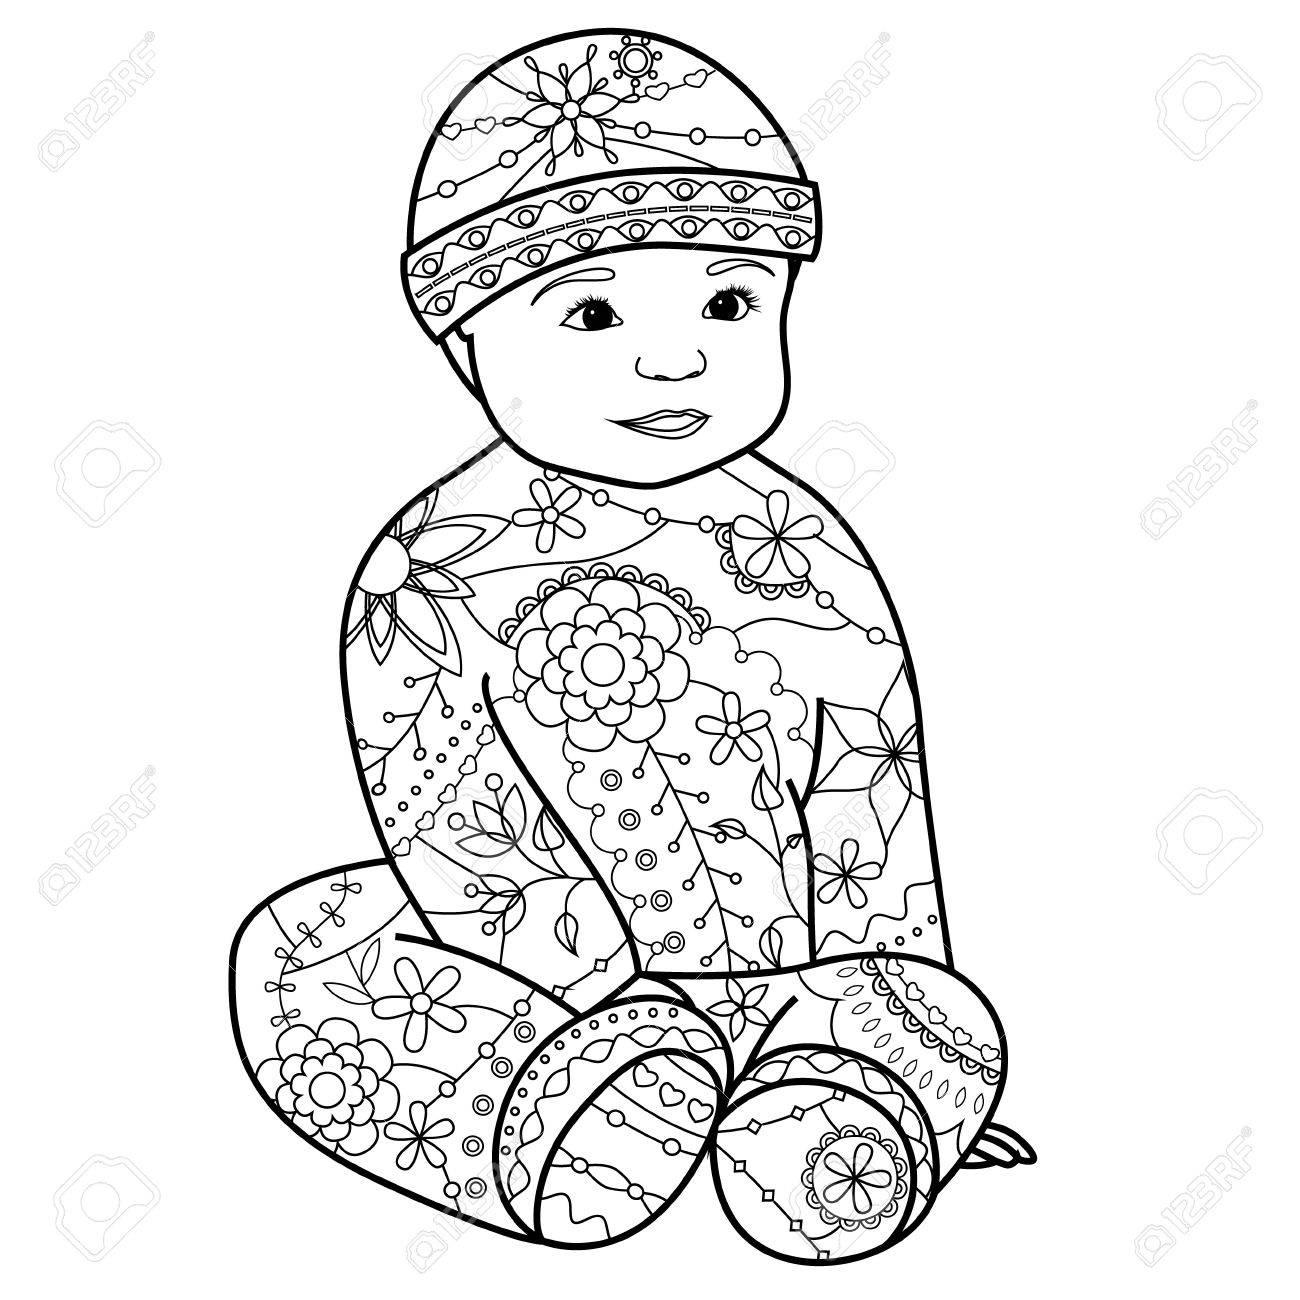 ベクトル男の子ぬりえのイラスト素材ベクタ Image 56151189